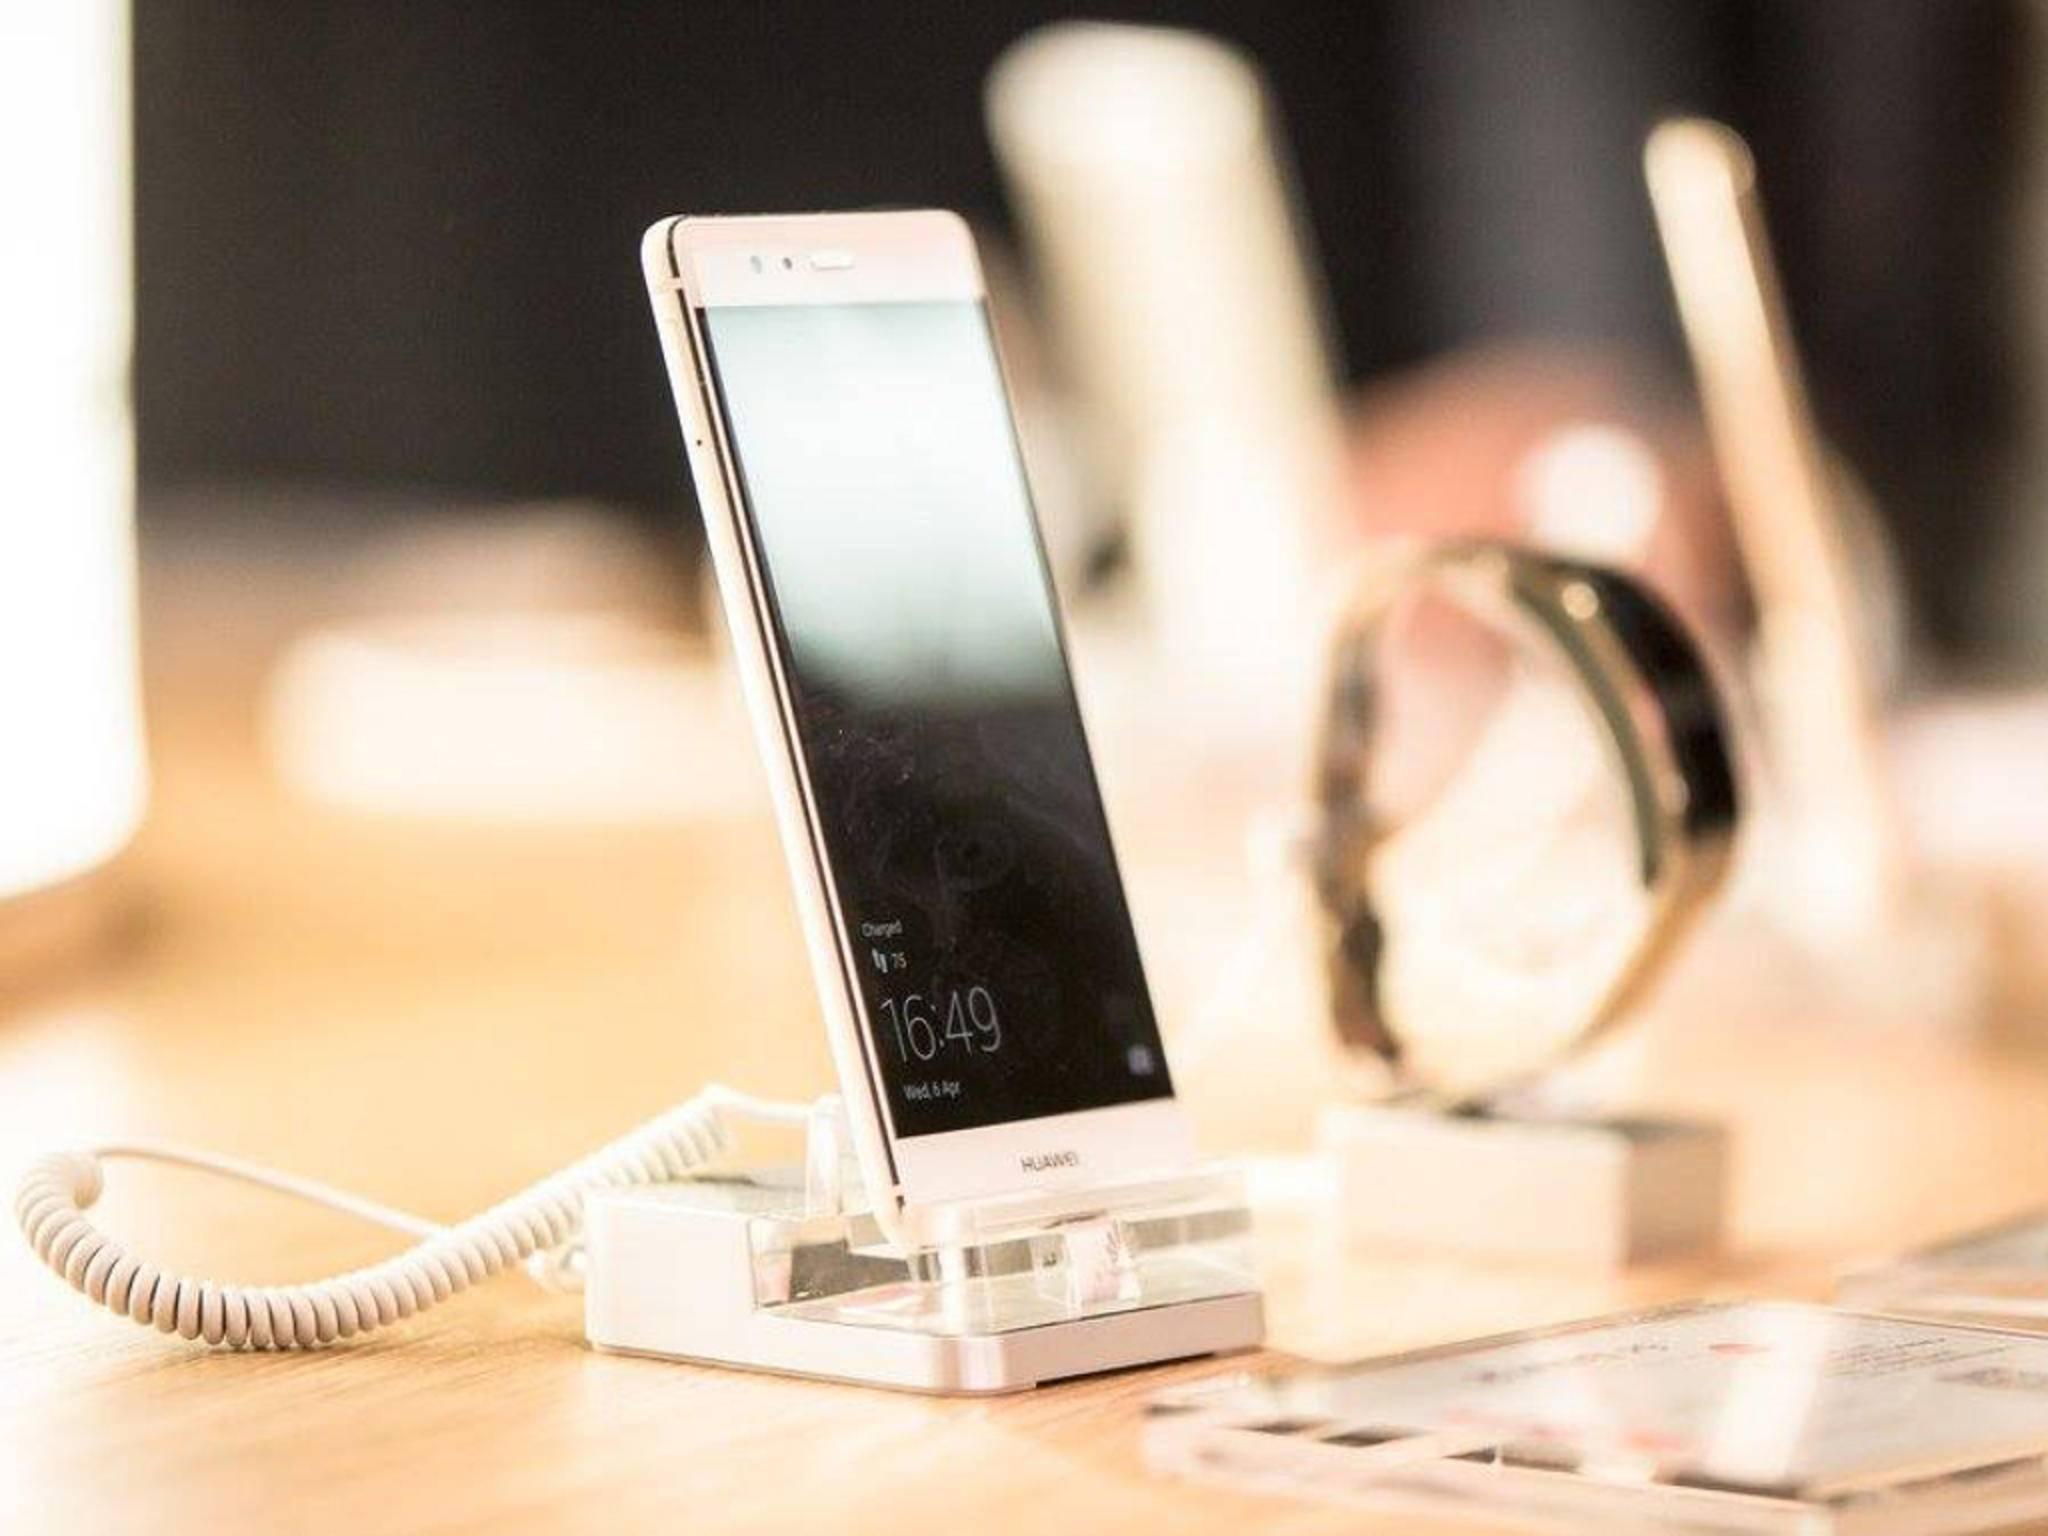 Das Huawei P9 hat eine Dual-Kamera auf der Rückseite.